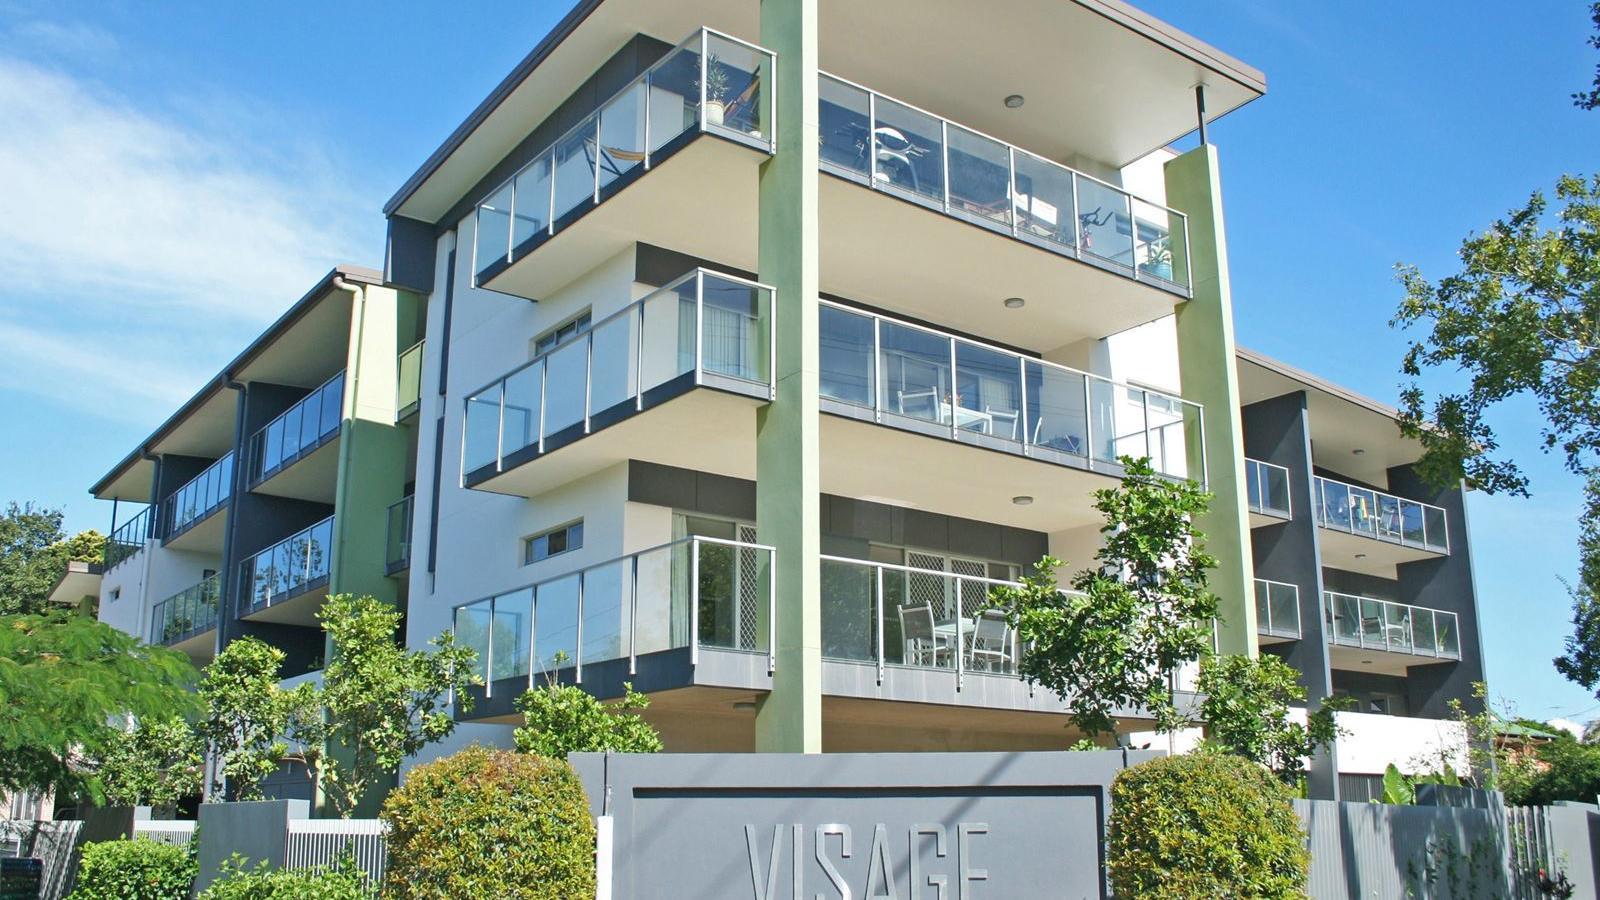 Visage_Outside Building